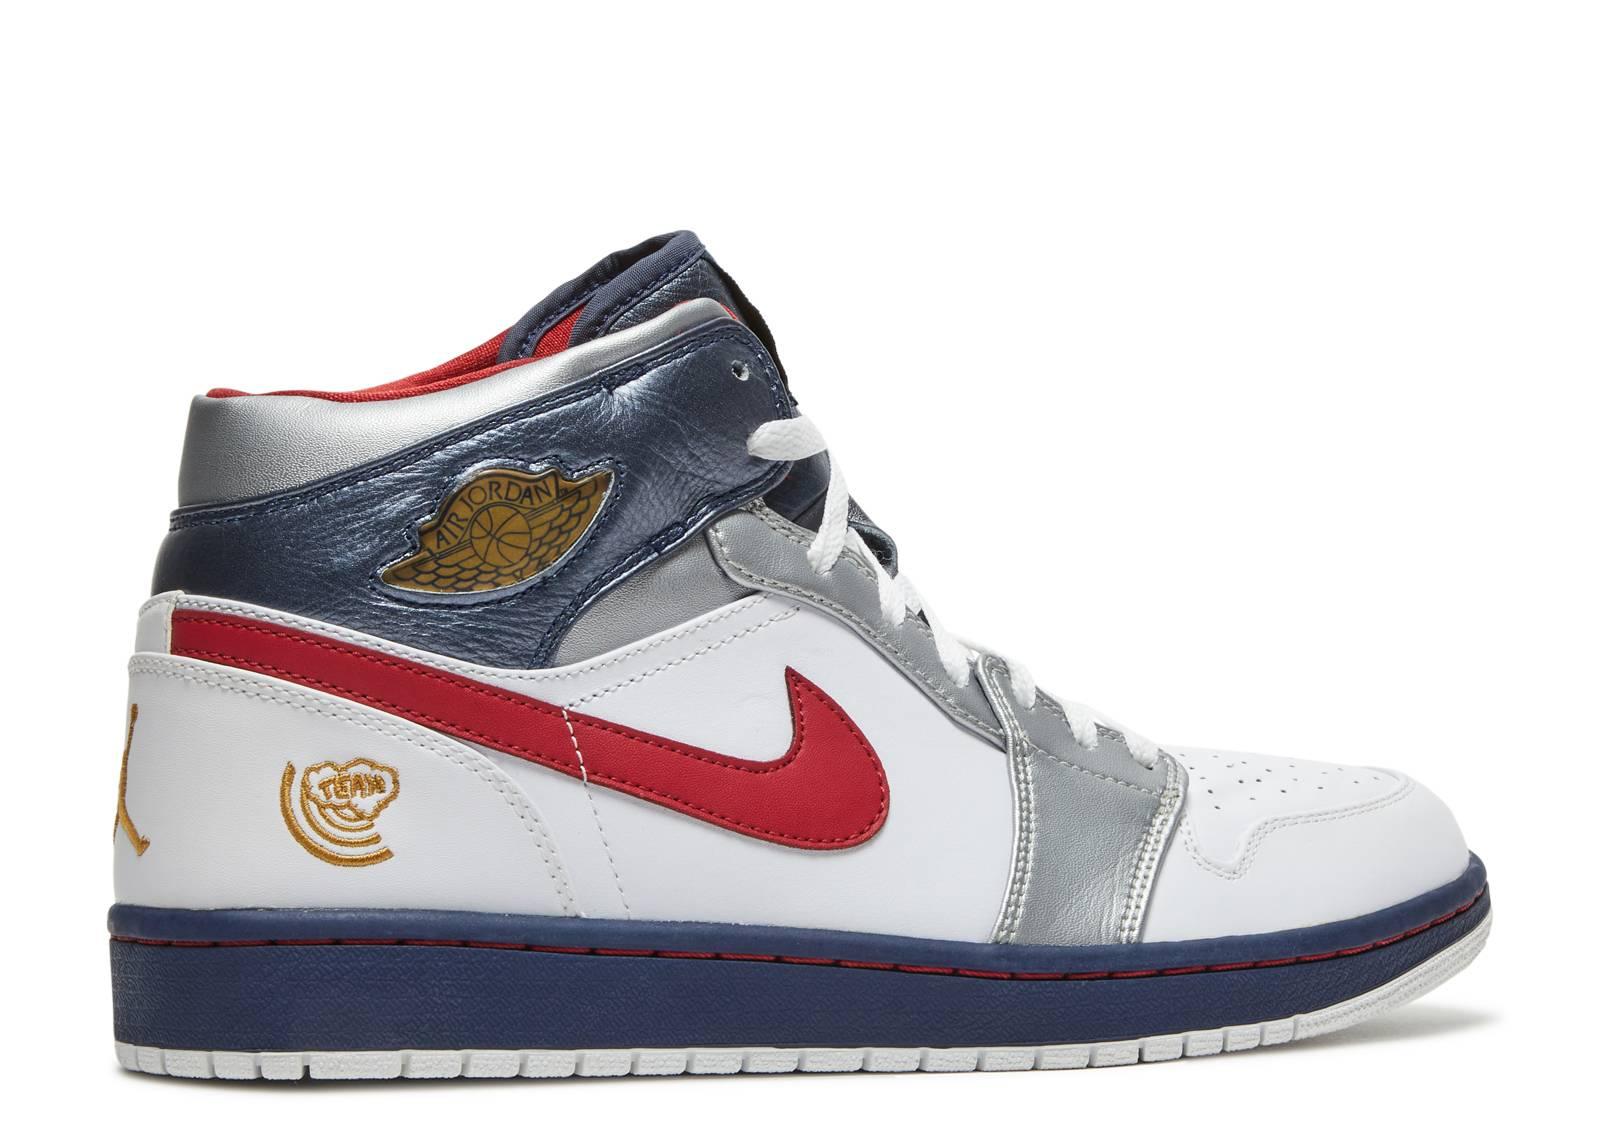 newest ede0a 6ffb3 Jordan 1 Retro Olympic (2008) - 3